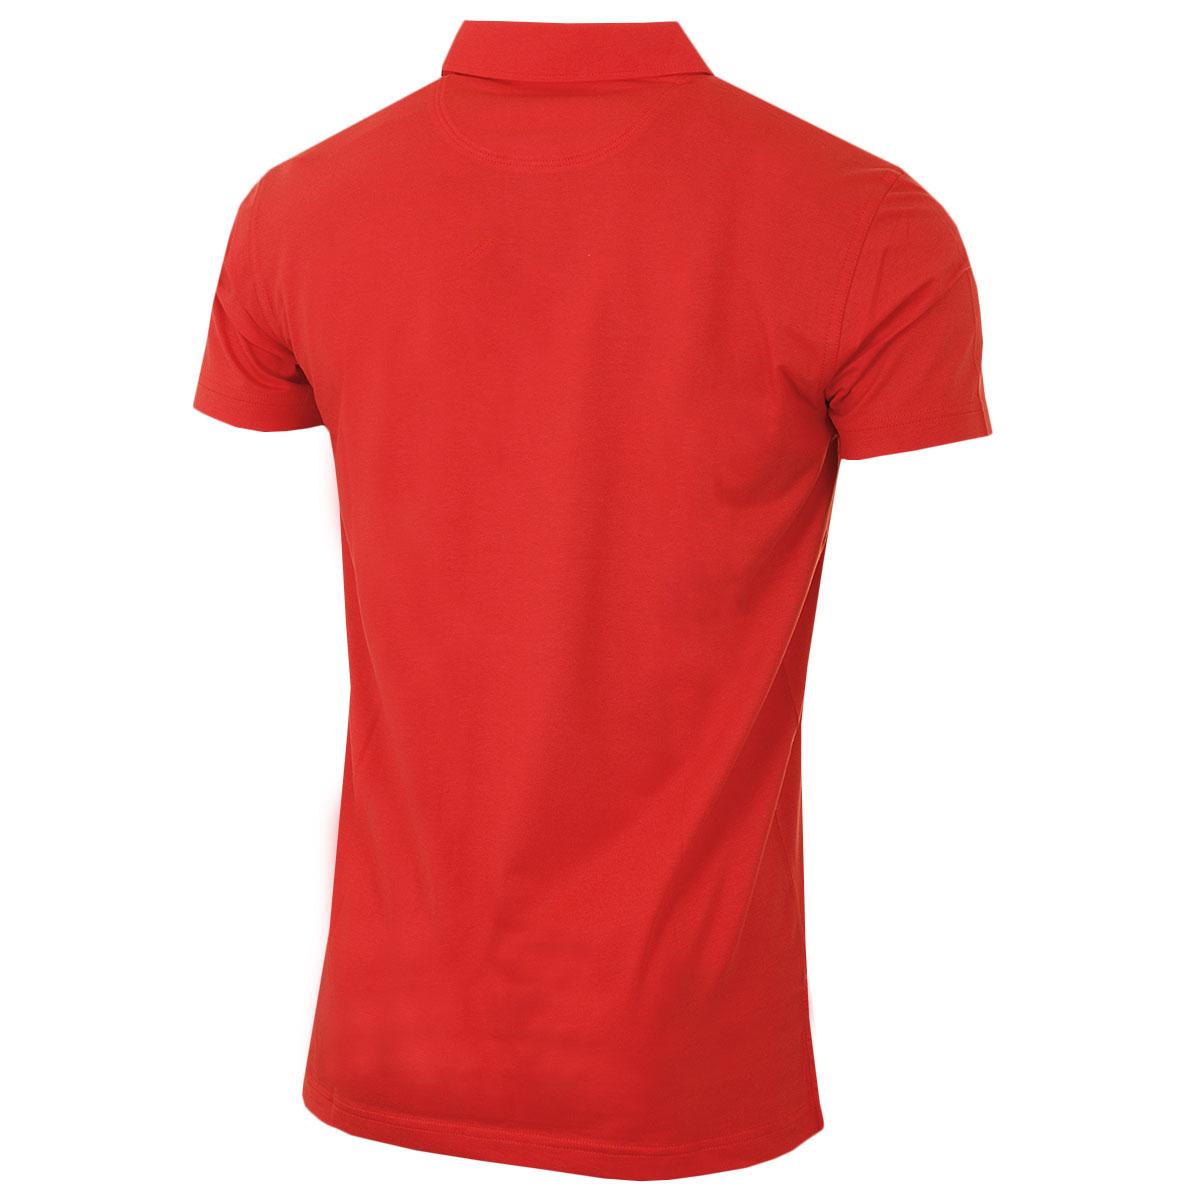 Bobby Jones Homme liquide Coton off Stretch Solid TF Golf Polo Shirt 61% off Coton RRP e00e6f